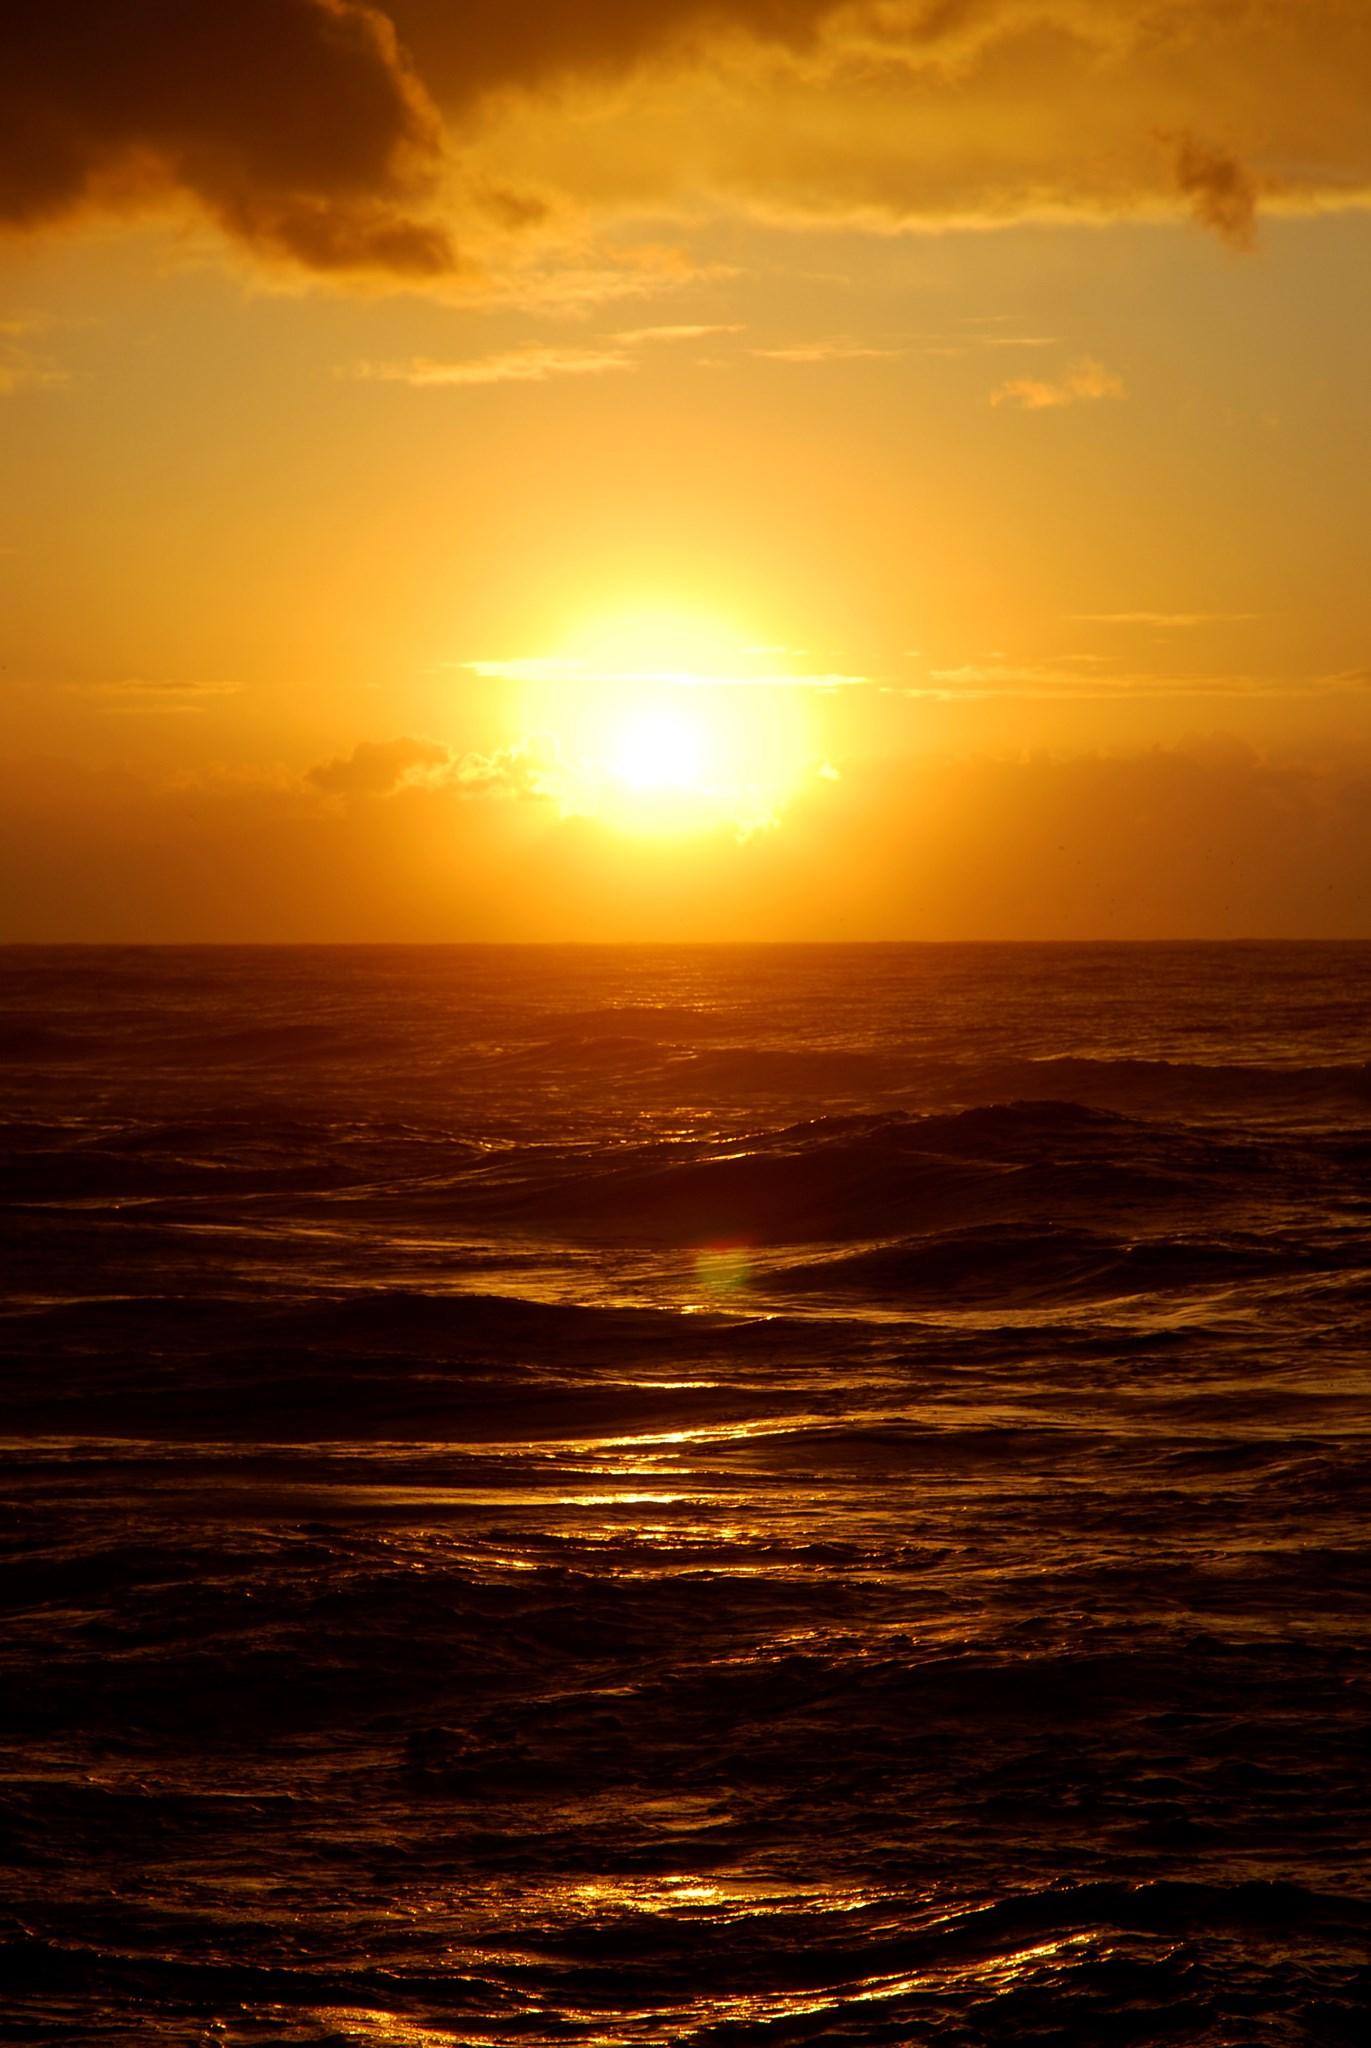 Entspannter Sonnenuntergang nach den letzten Klausuren im Master-Studiengang.